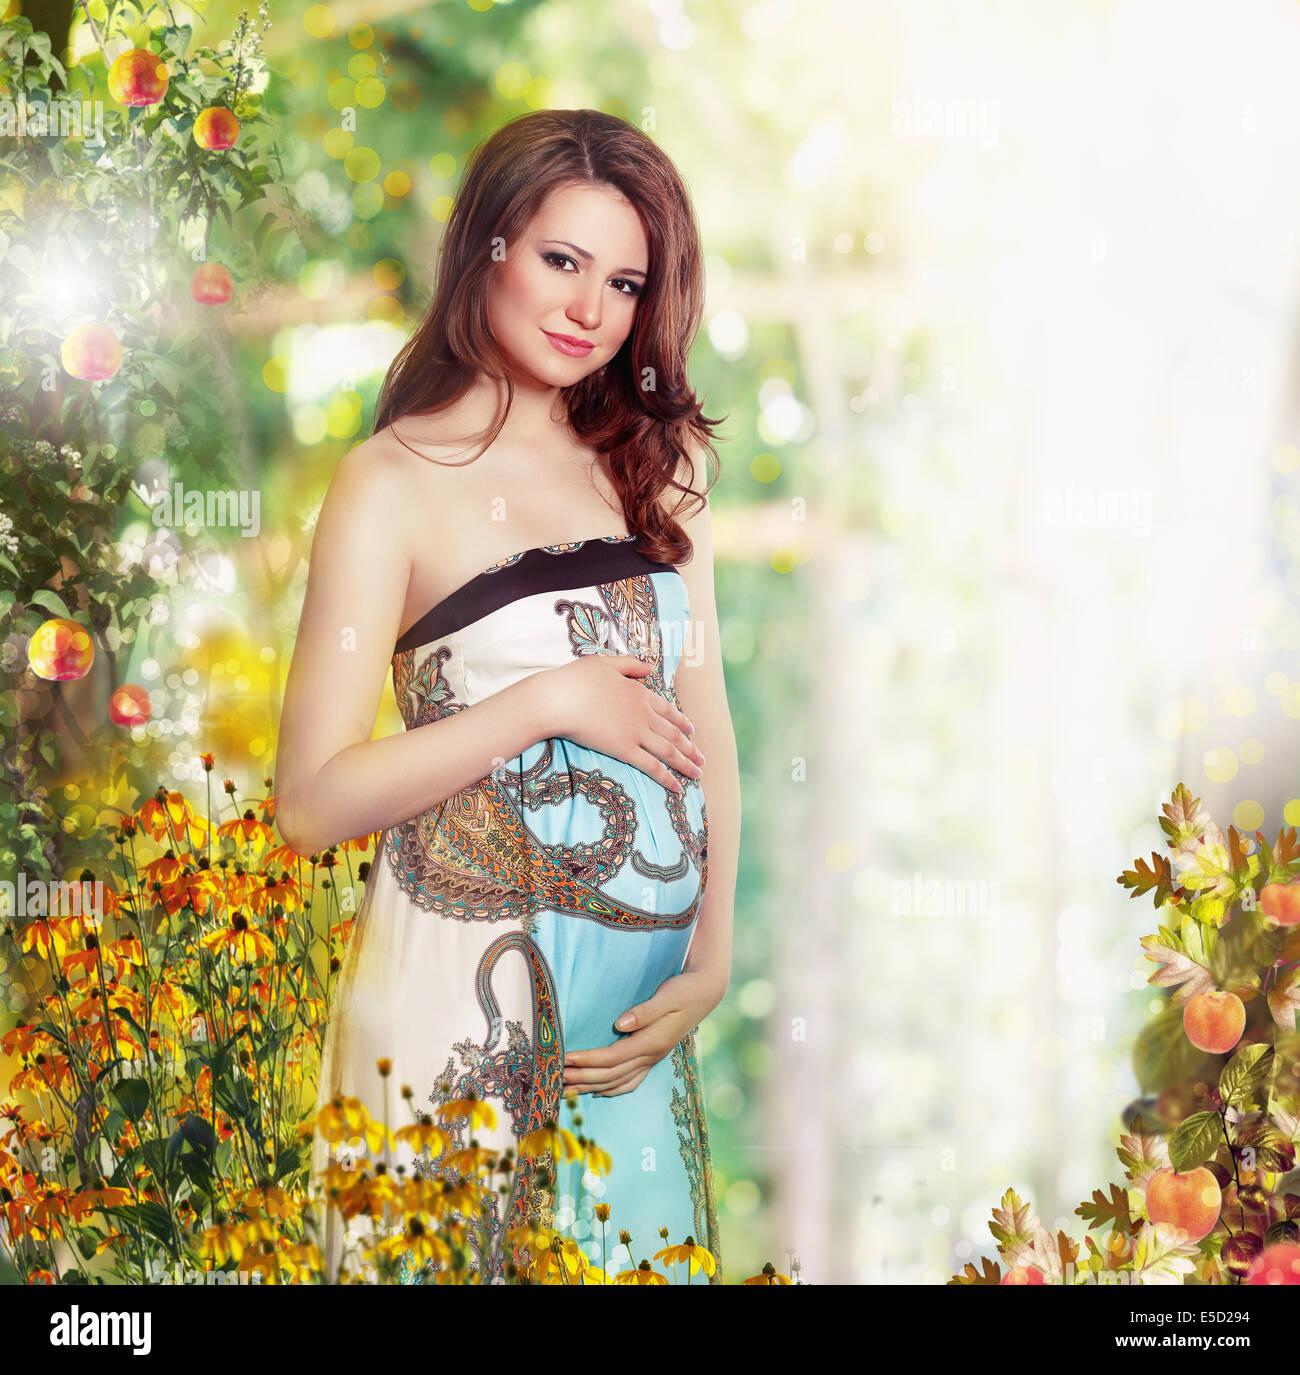 Mutterschaft. Schwanger lächelnde Frau in der Natur erwartet Baby Stockbild